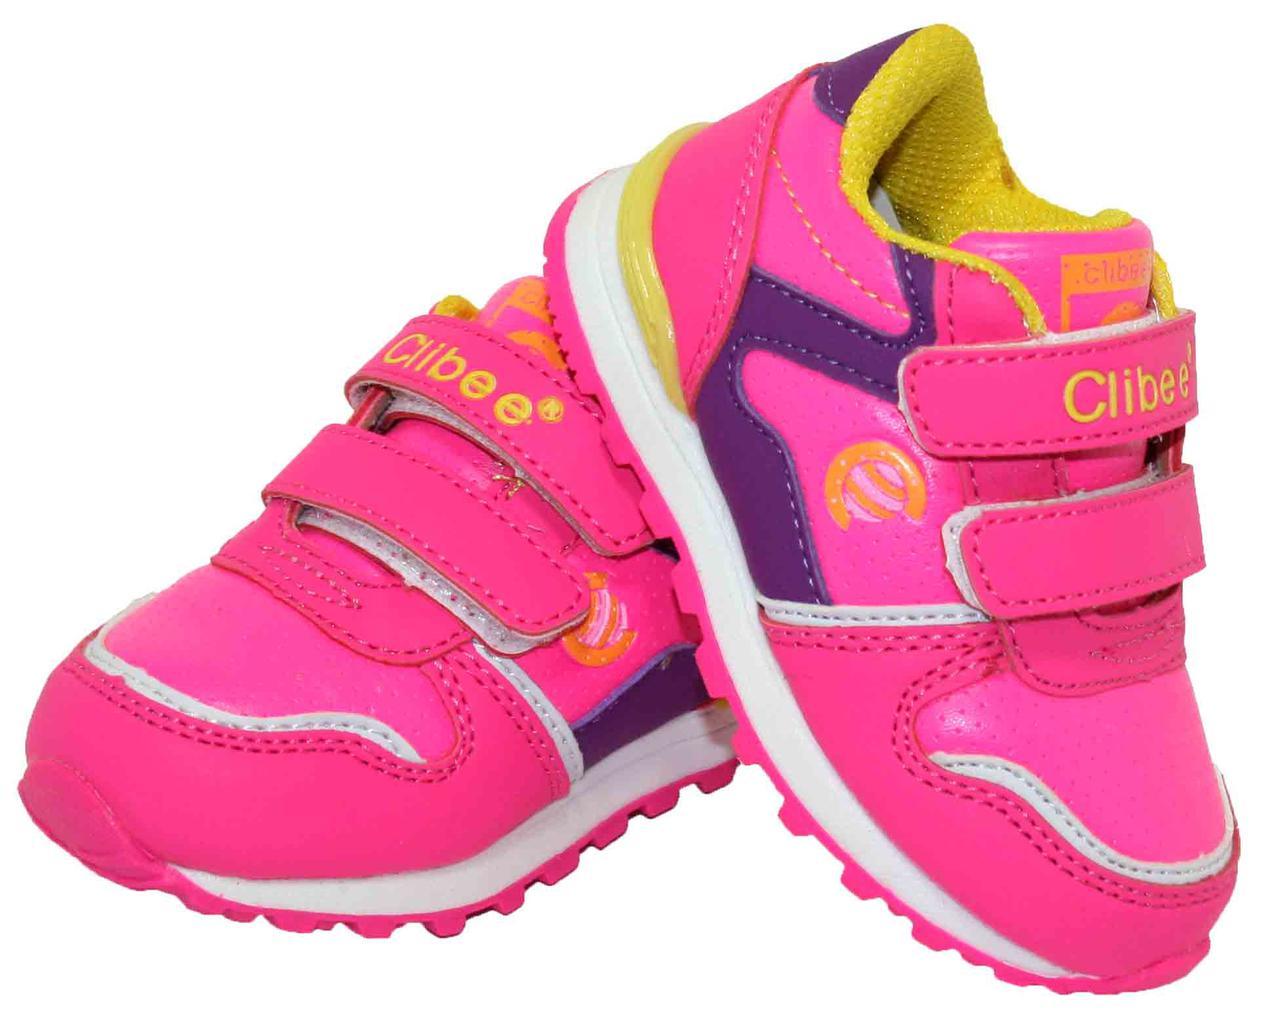 7be28304 Детские кроссовки для девочки Clibee Польша размеры 22-27 - купить ...